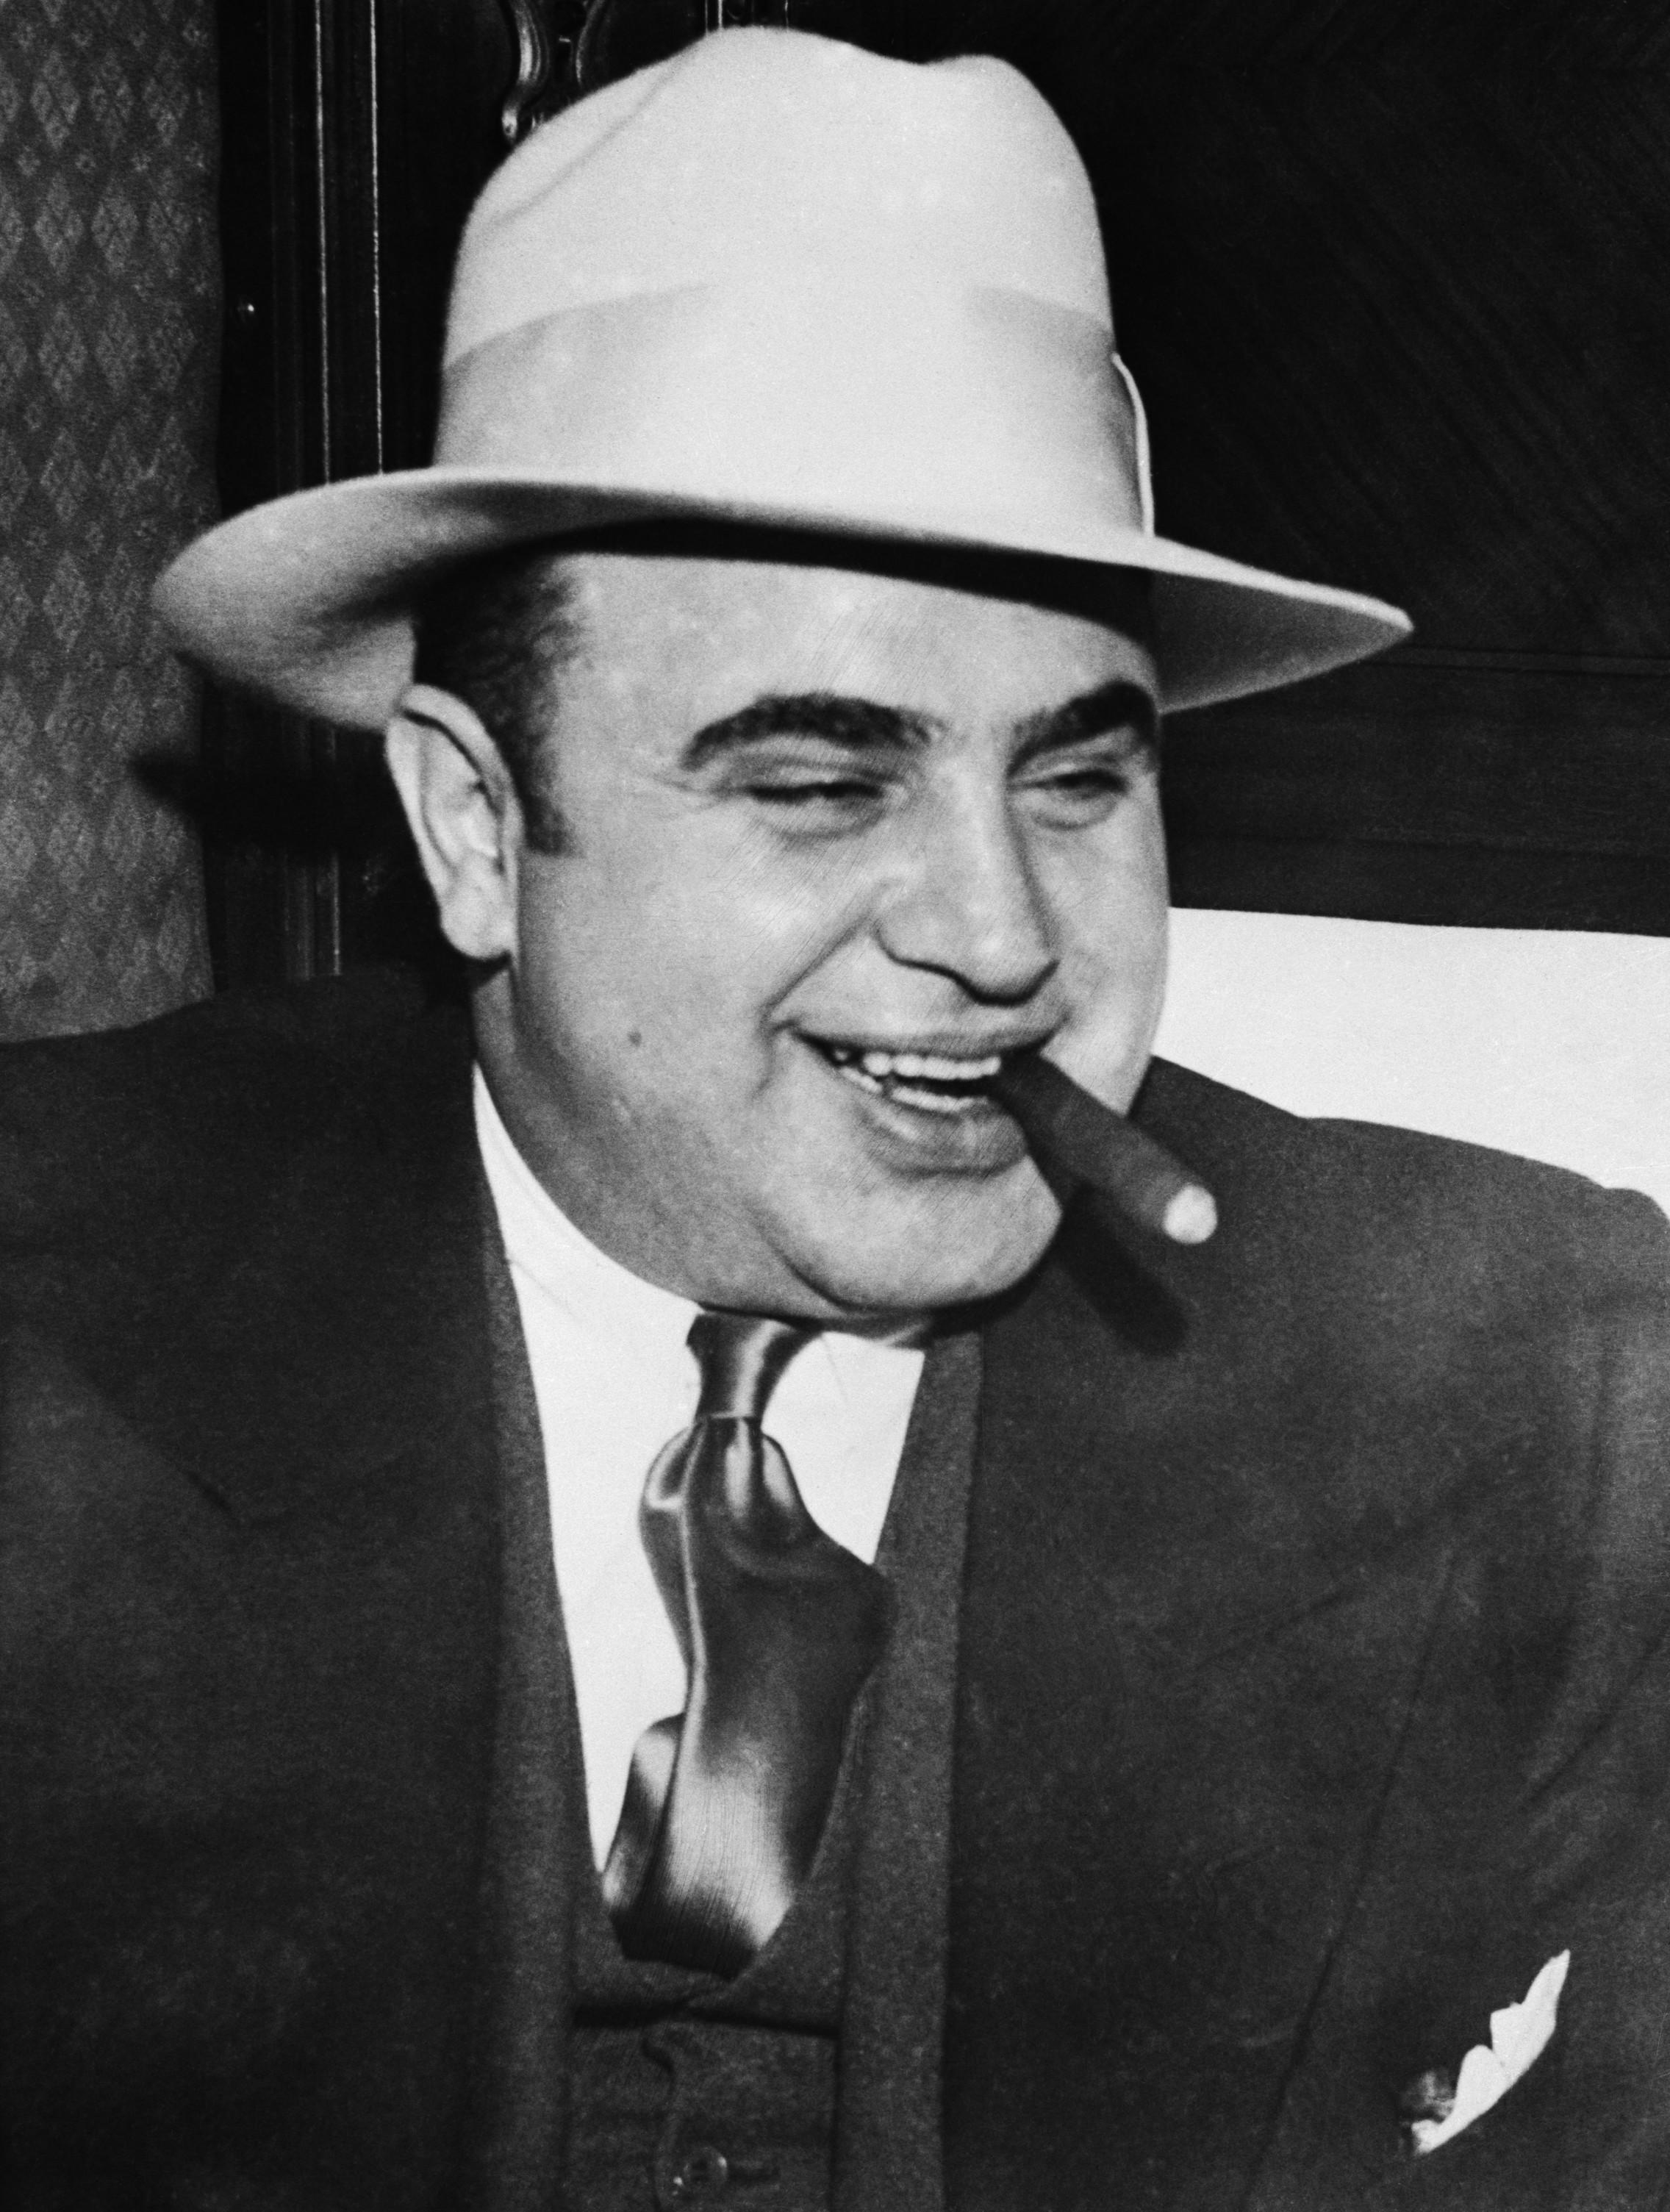 Al capone alphonse capone scarface organized crime chicago 1920s